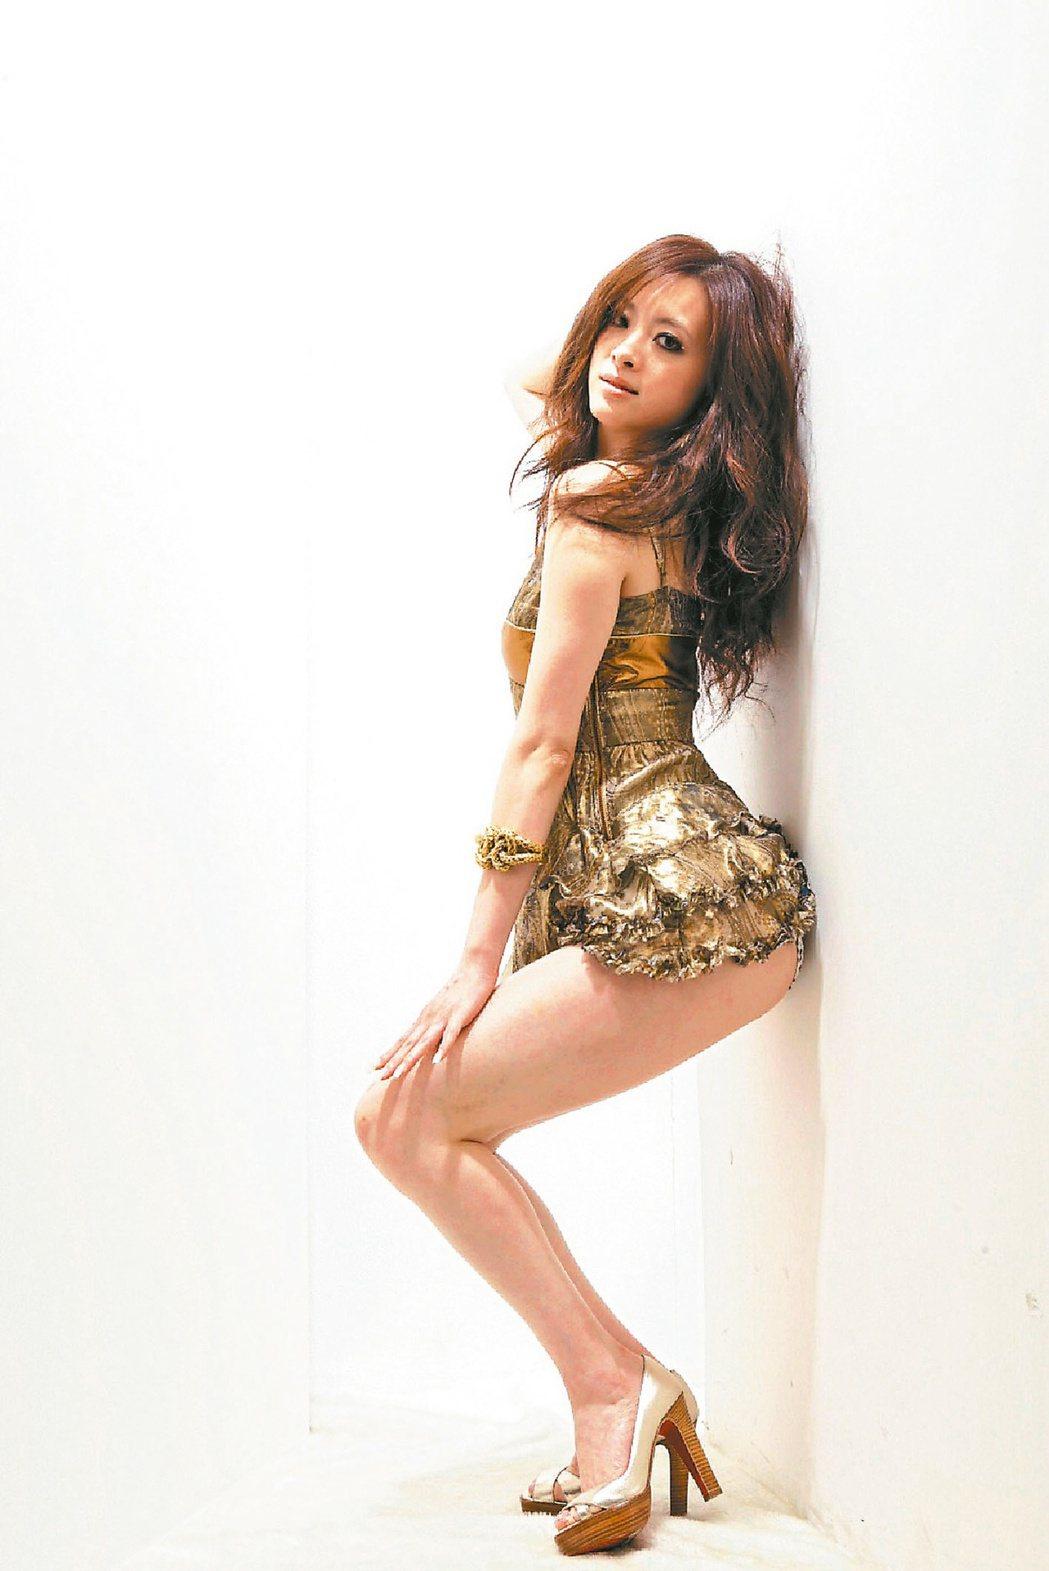 劉真曾出舞蹈寫真書。圖/御女王有限公司提供